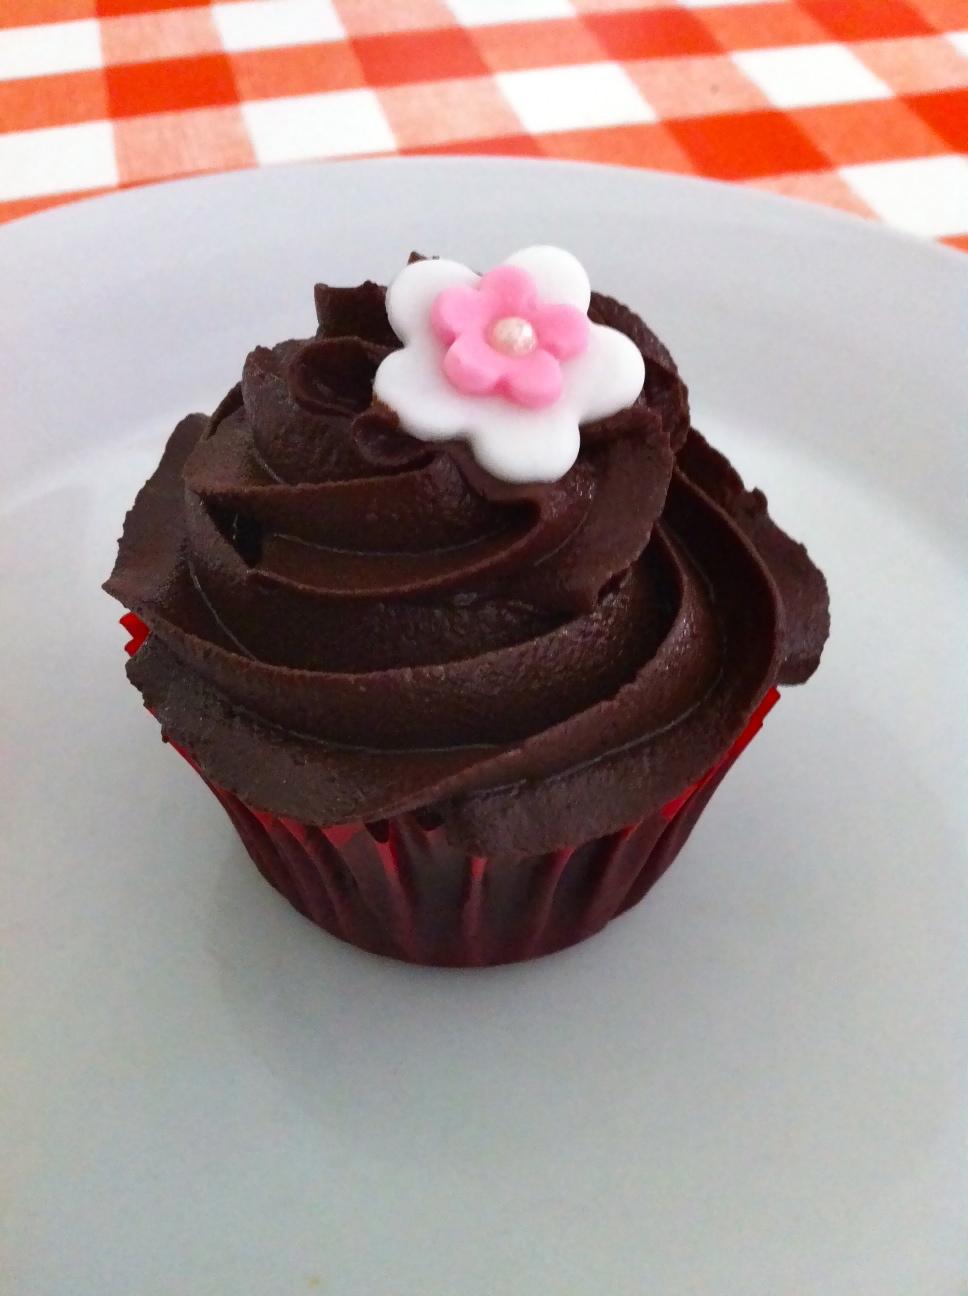 chokolade topping kage